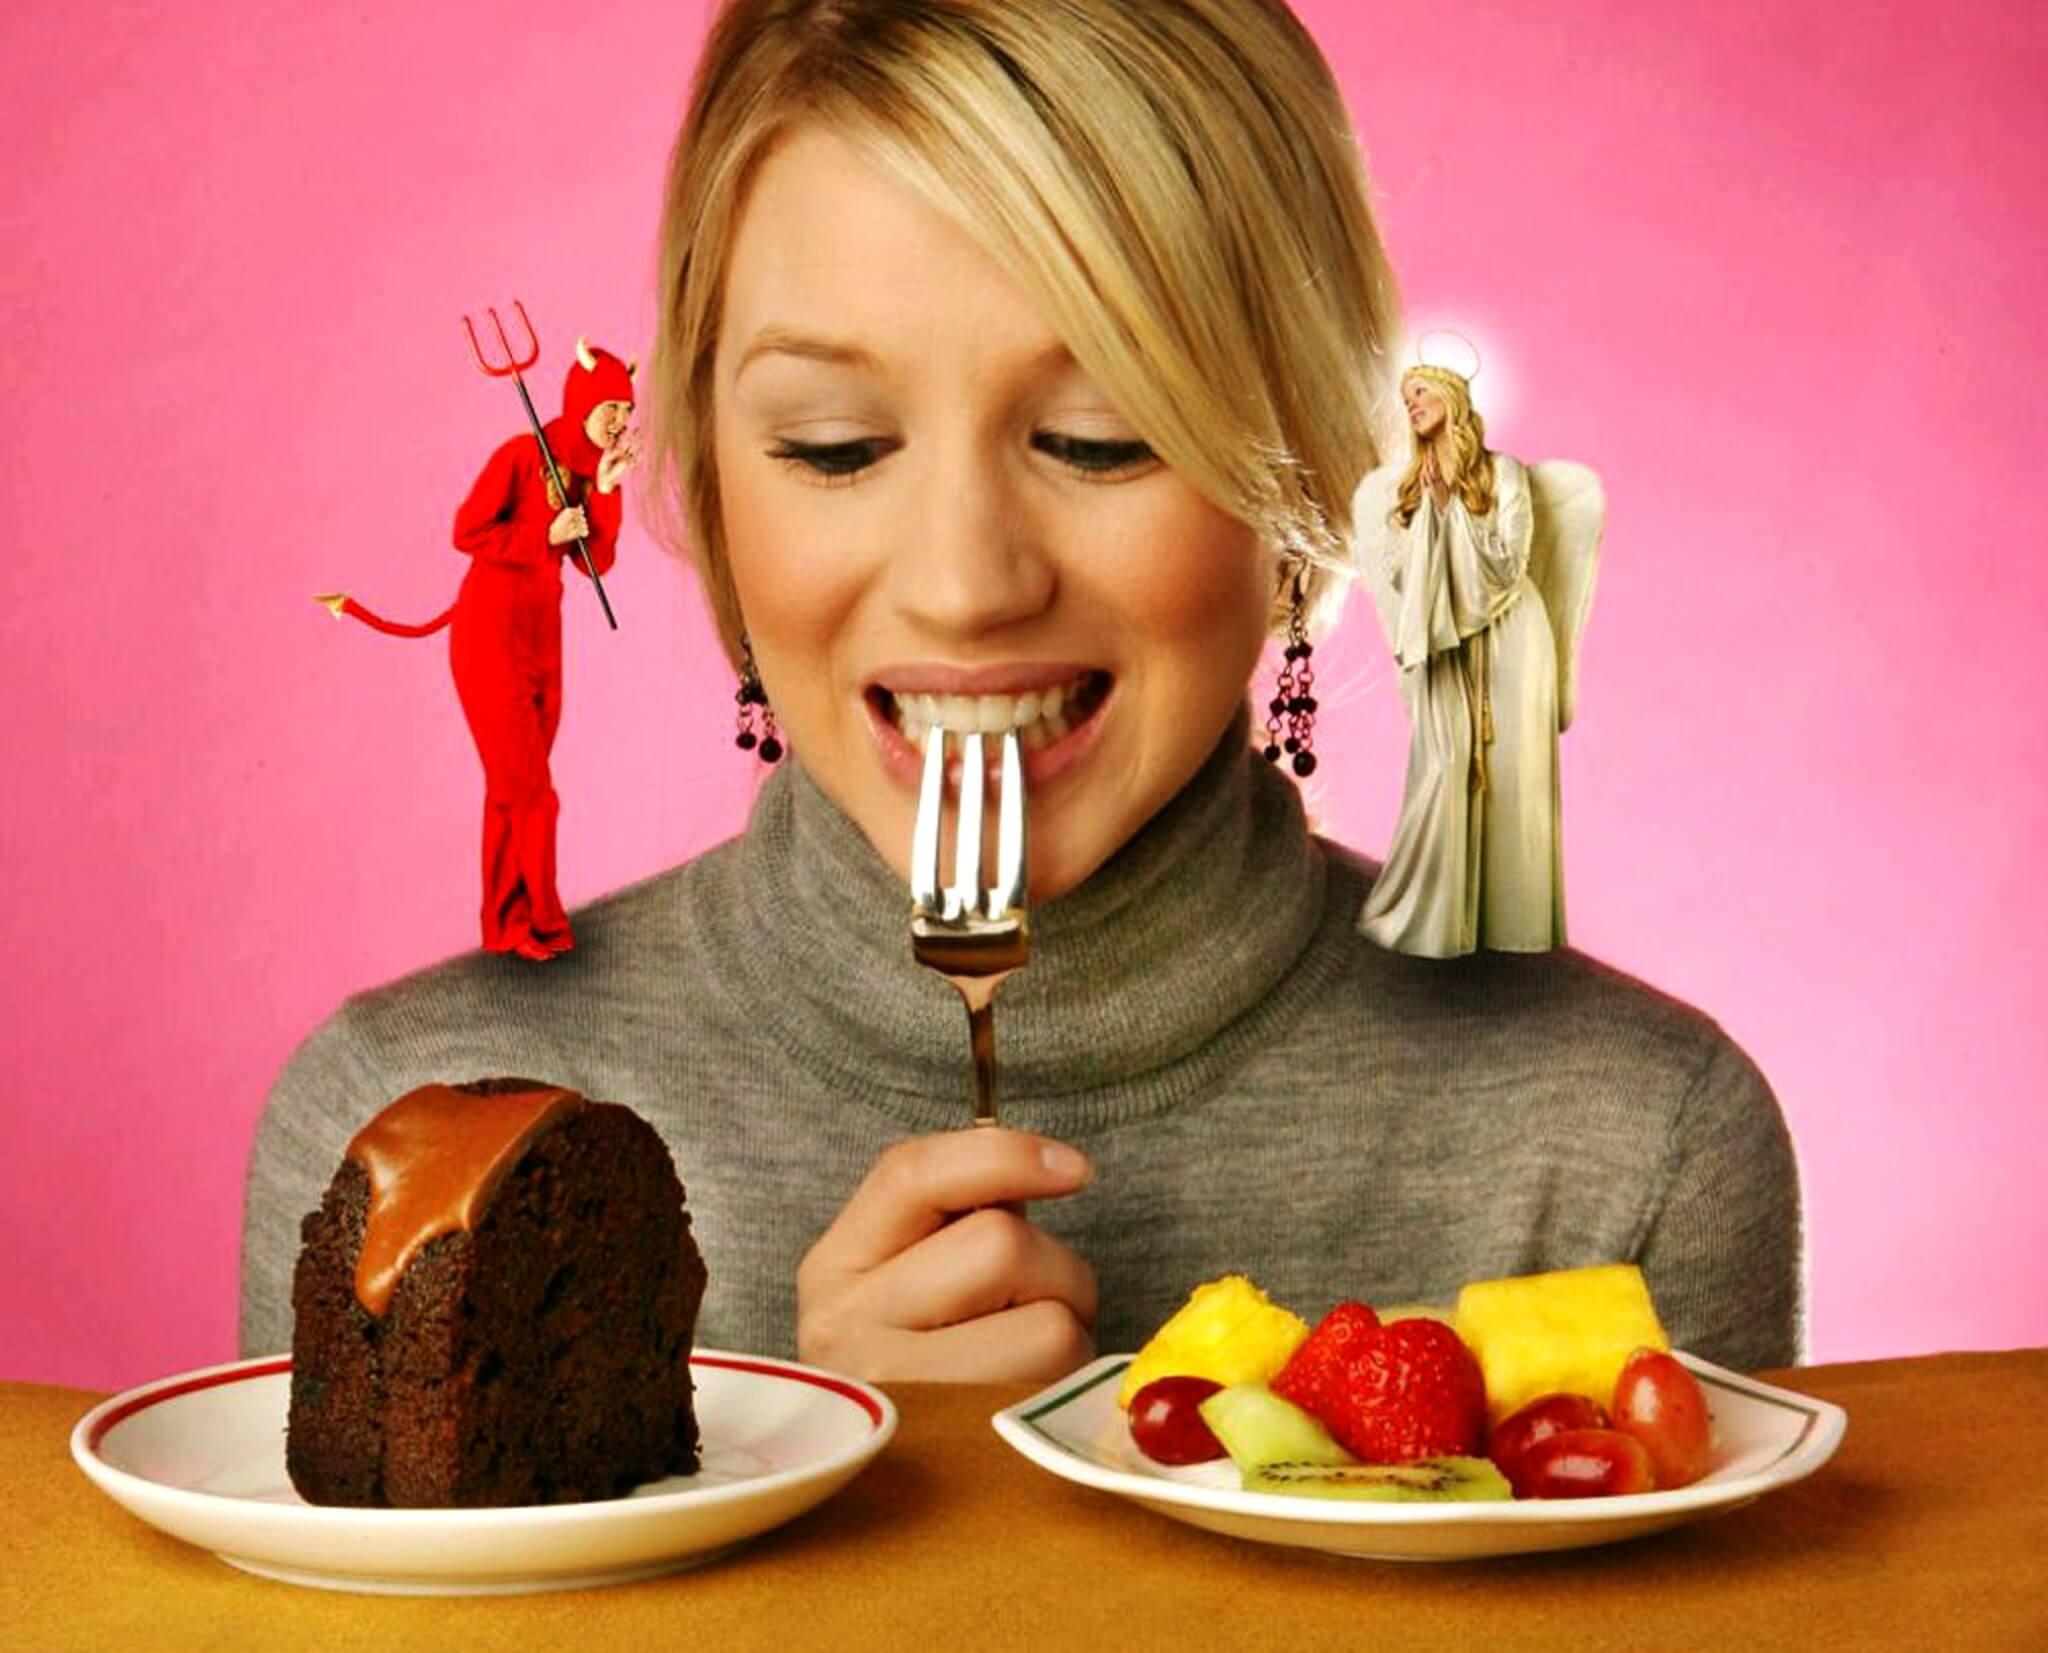 выбор правильного питания